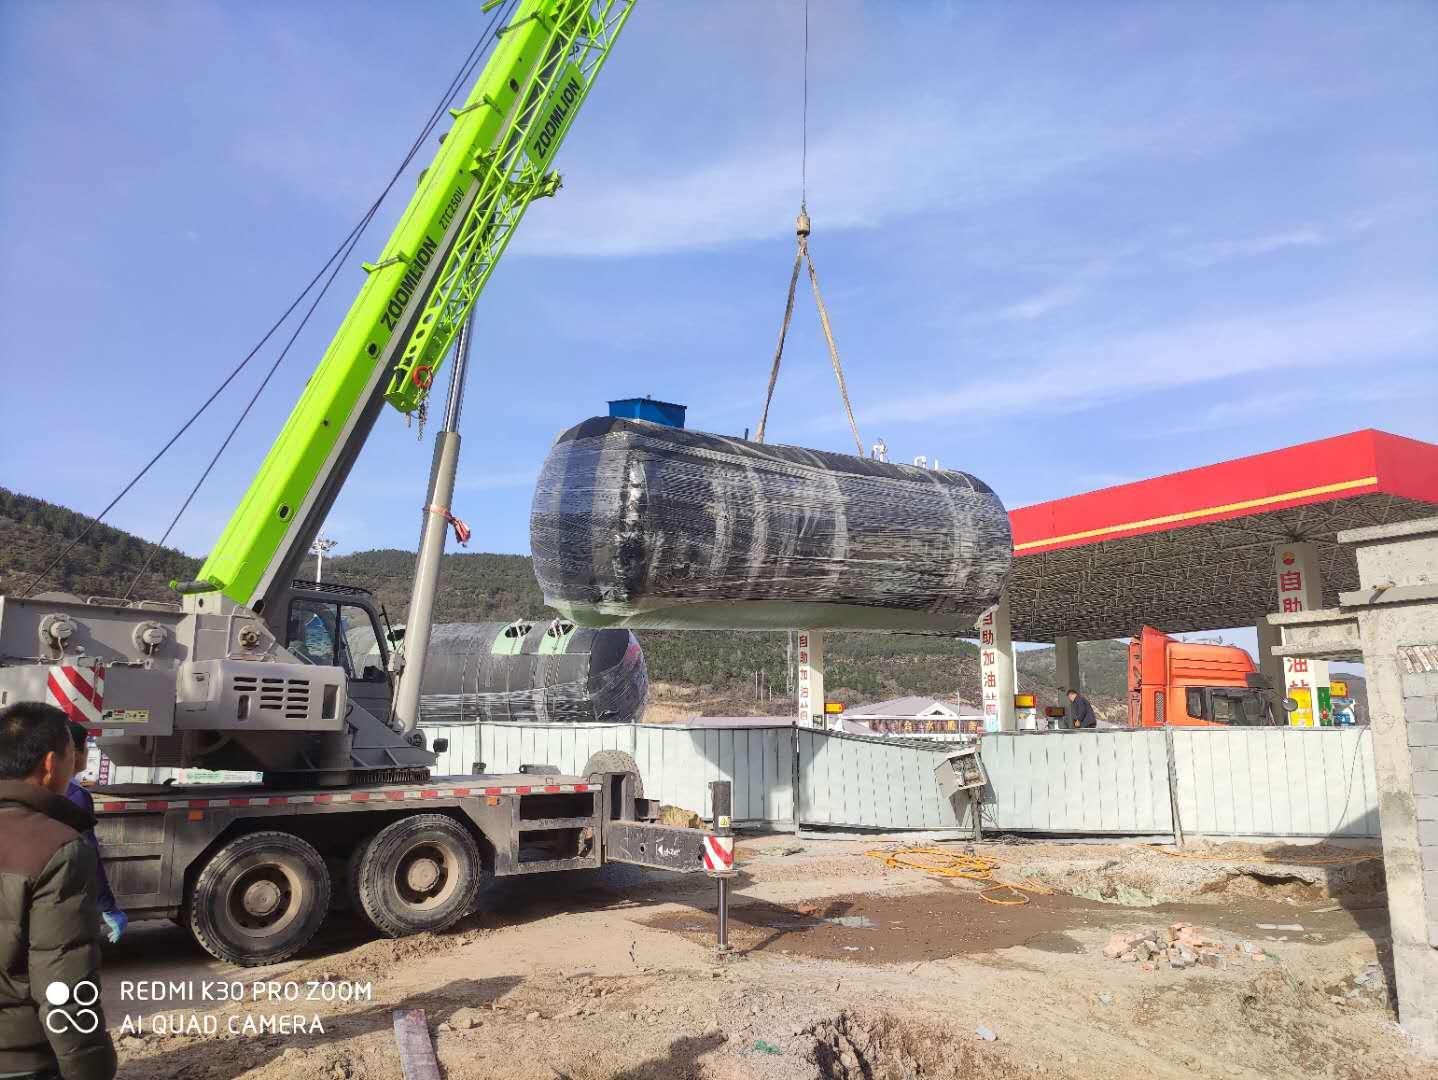 兰州凯萨诺污水处理设备高速服务区安装现场